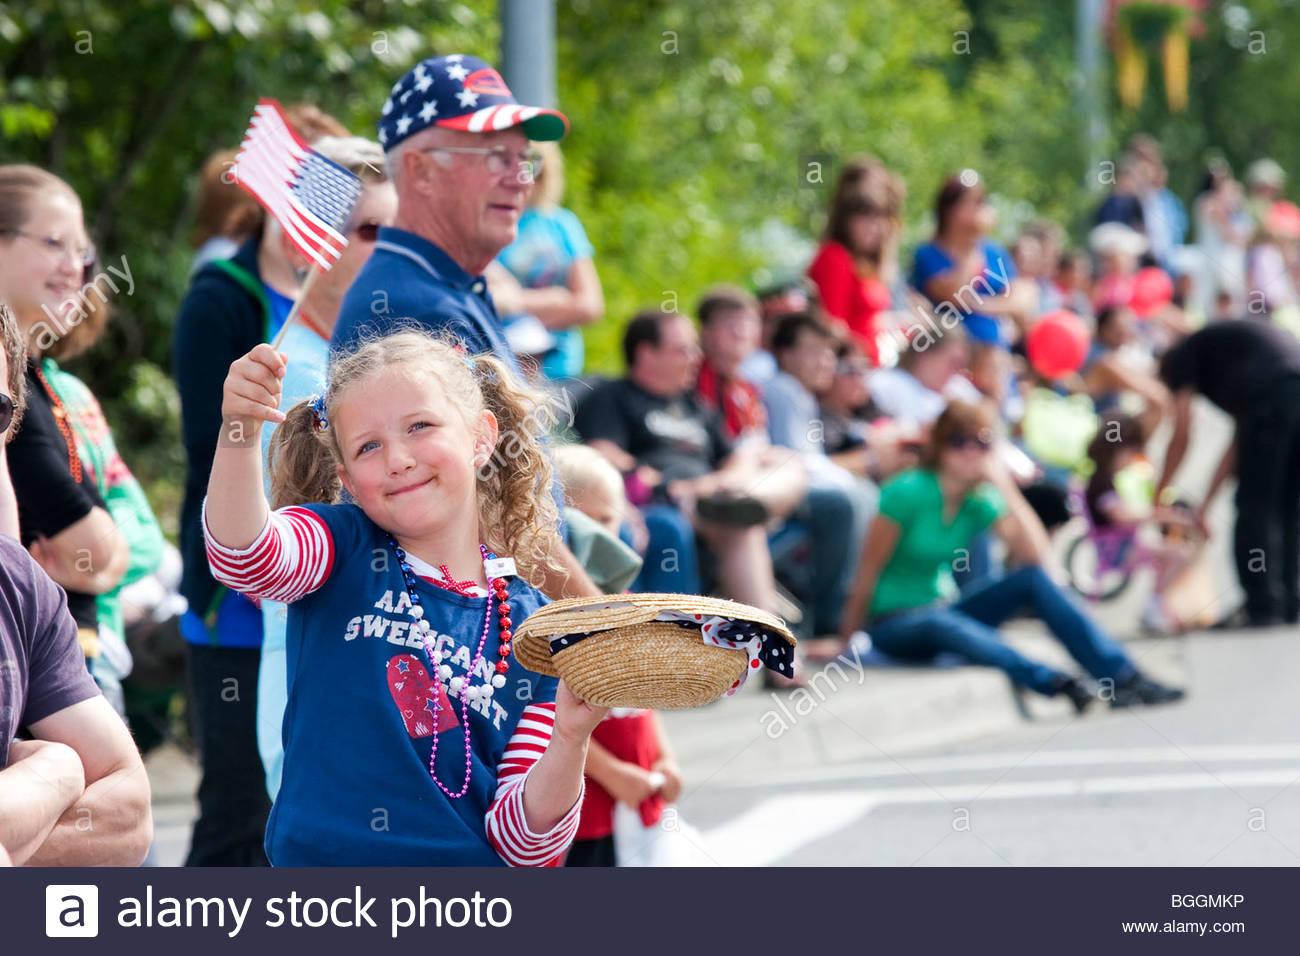 Alaska, Wasilla Girl waves flag at Independence Day parade in Wasilla. - Stock Image